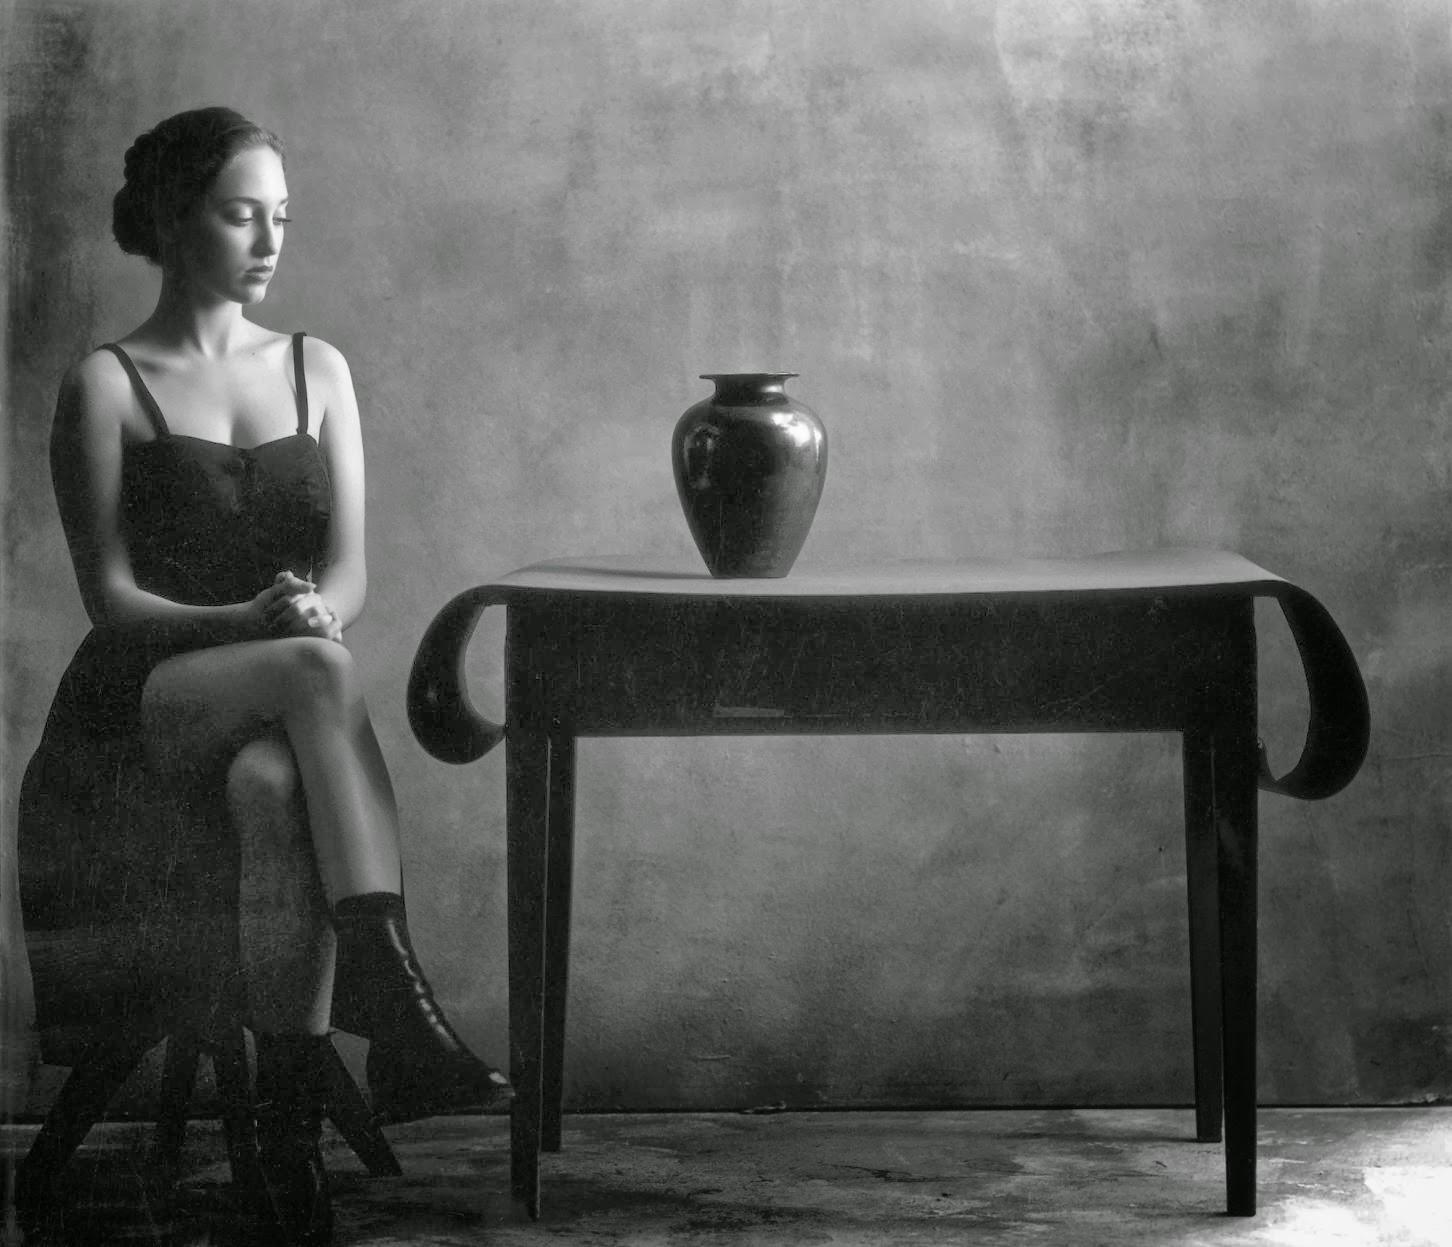 Чёрно-белые снимки в жанре ню от Кристиана Коиньи